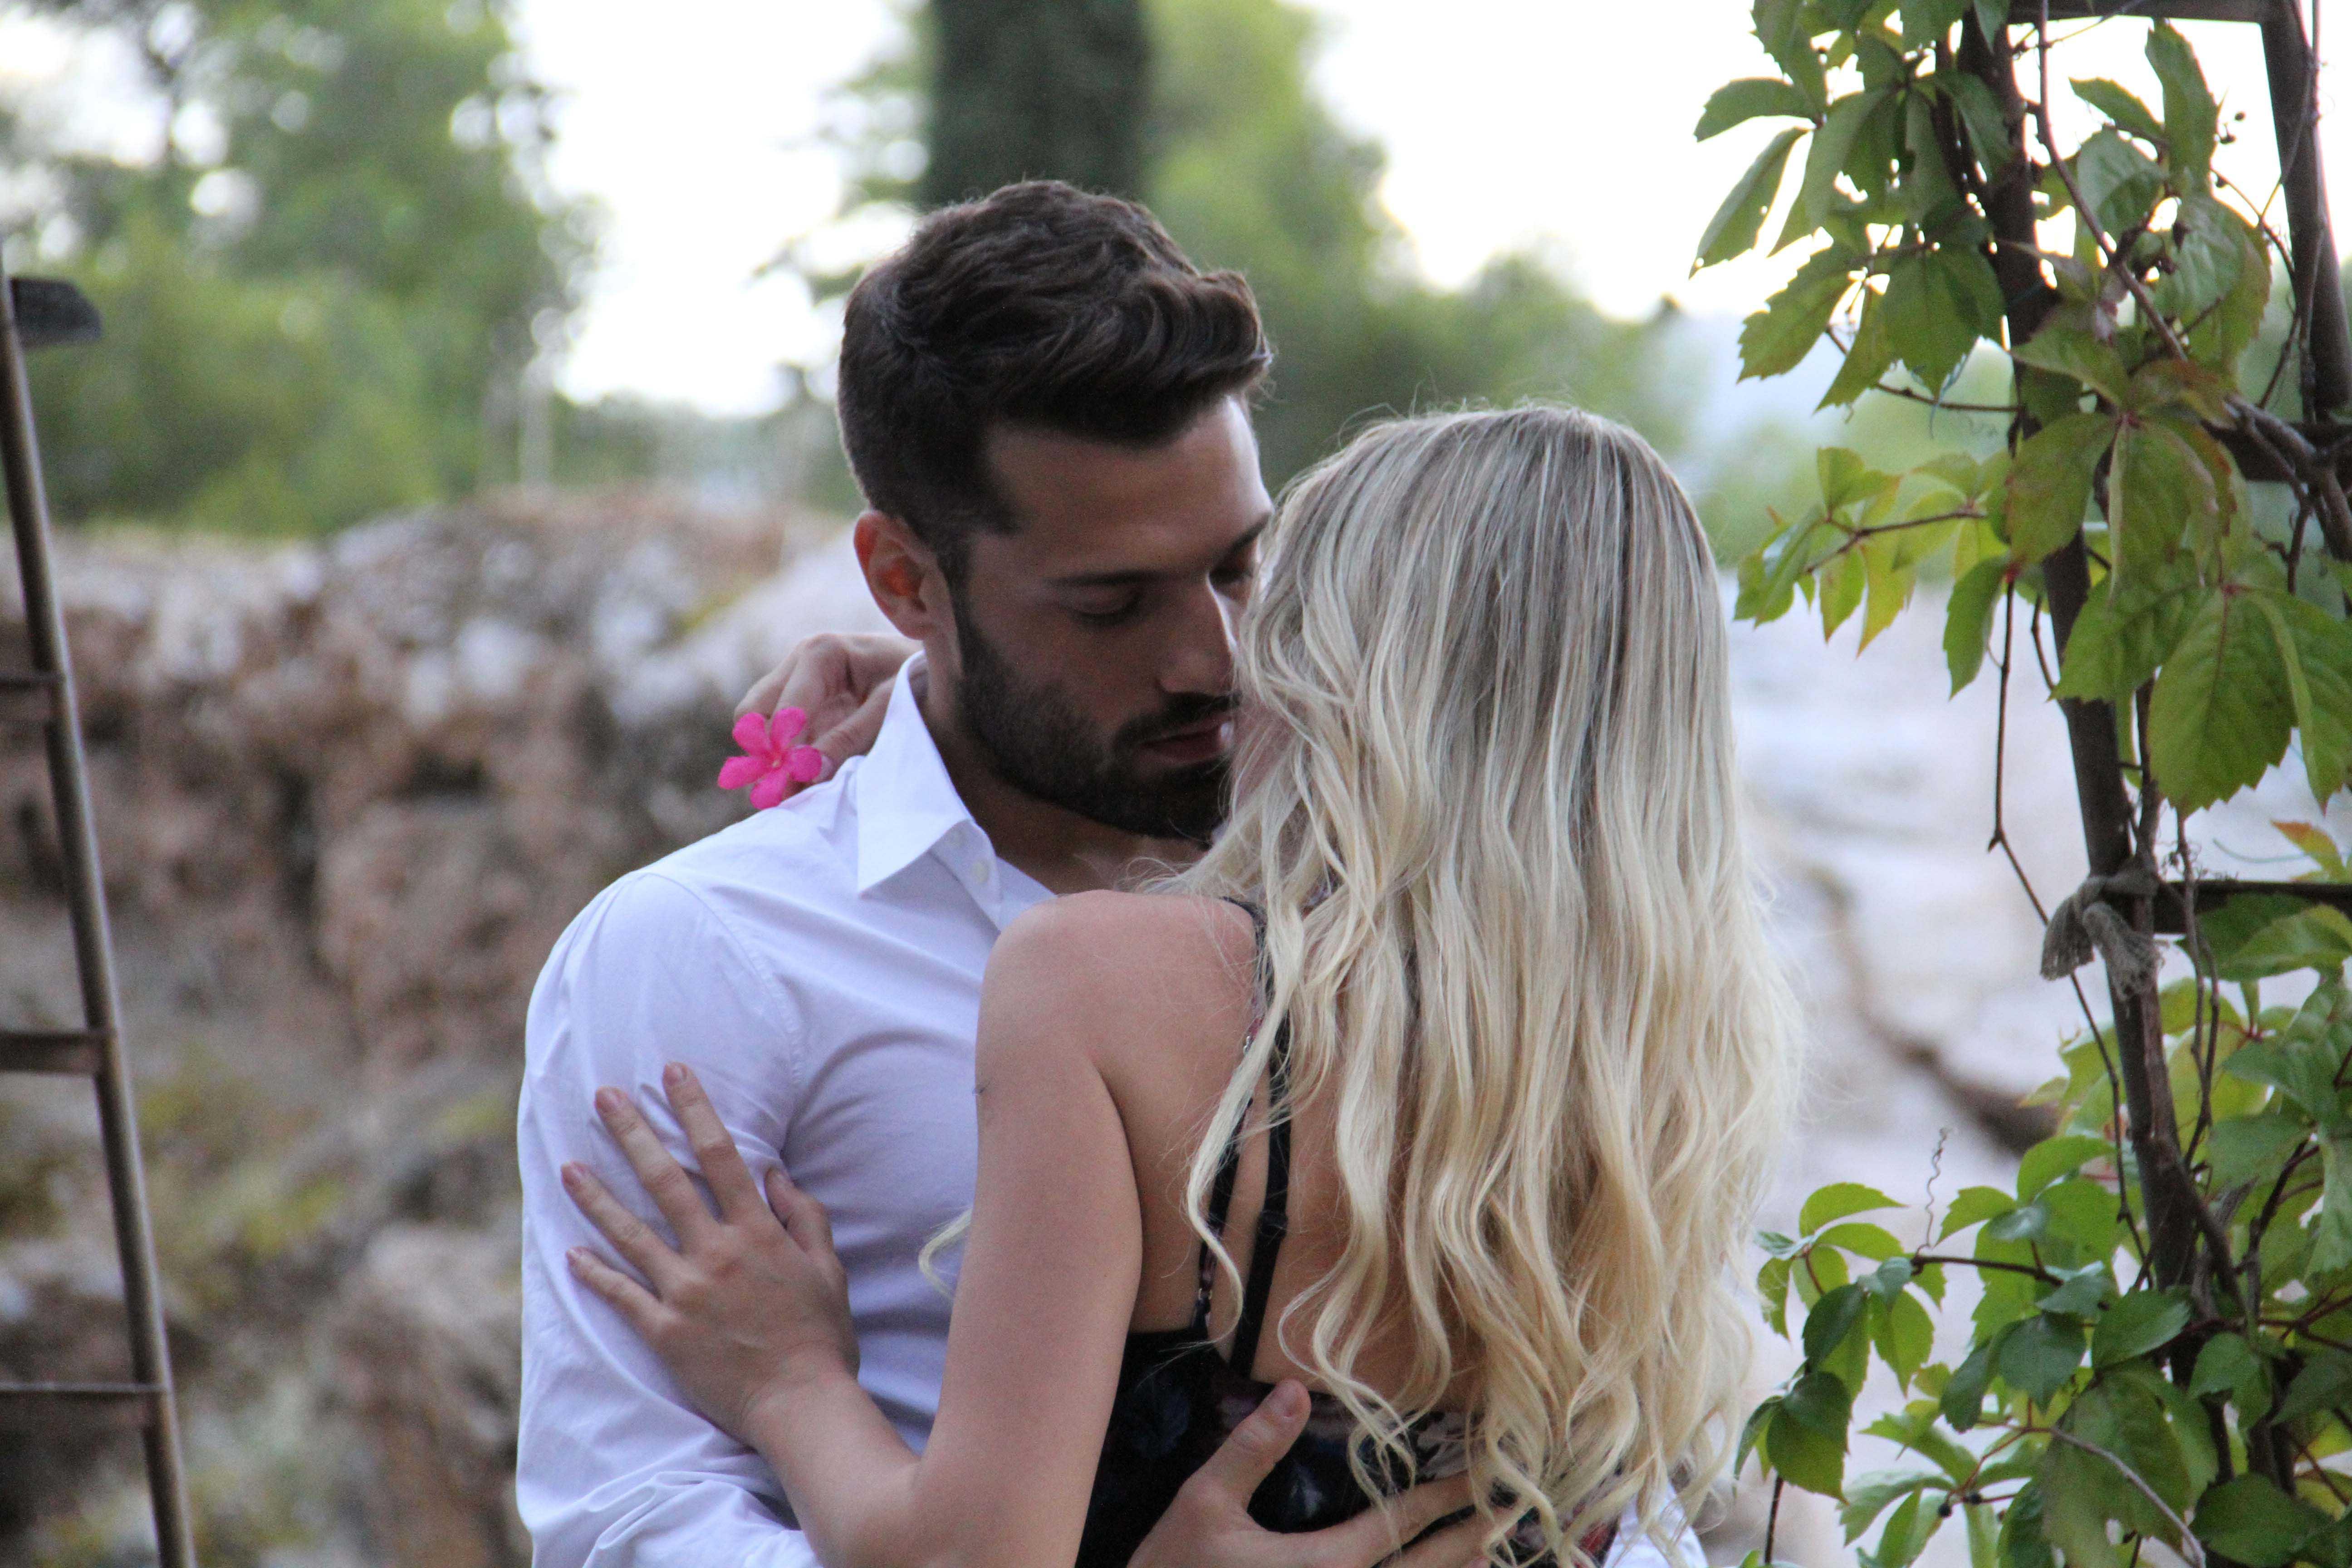 Λι ταεμίν ραντεβού με πρακτορείο δράκοι φωλιά dating ιστοσελίδα